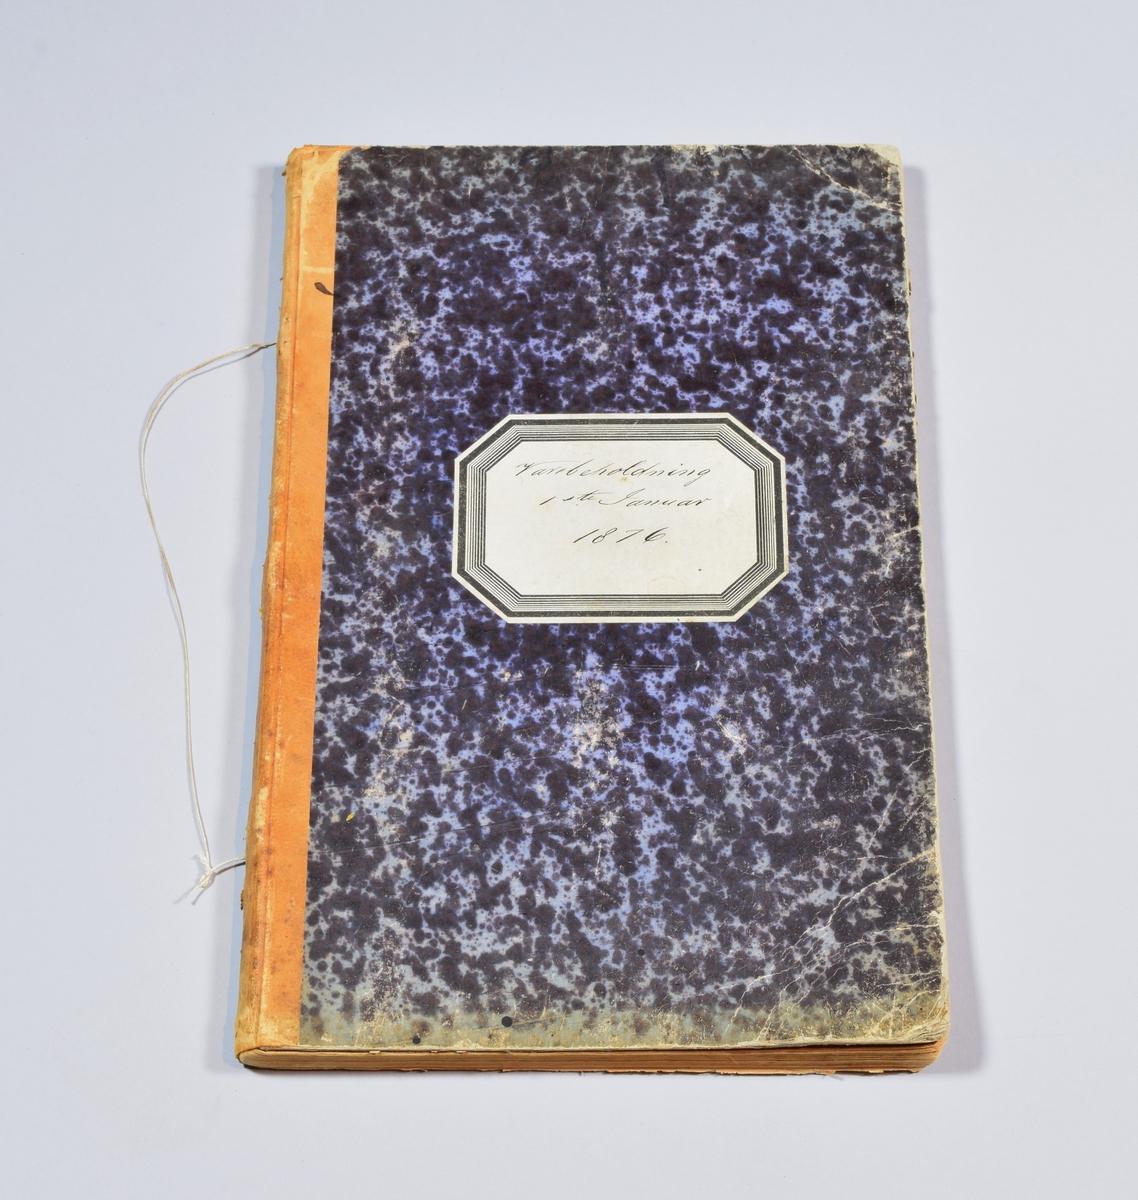 Gjenstanden er en smal rektangulær bok med omslag i marmorert blåsvart papir. Ryggen er i lysebrunt skinn. I ryggen er det festet en snor. Midt på omslaget er det festet en hvit etikett i form av et oktogon med svarte dekorative border langs kantene. På etiketten er det skrevet inn hva boka skal brukes til. Innvendig består boka av unumererte sider som er fylt med hånskrift som viser lister over hvilke varer butikken hadde på det gitte tidspunktet.